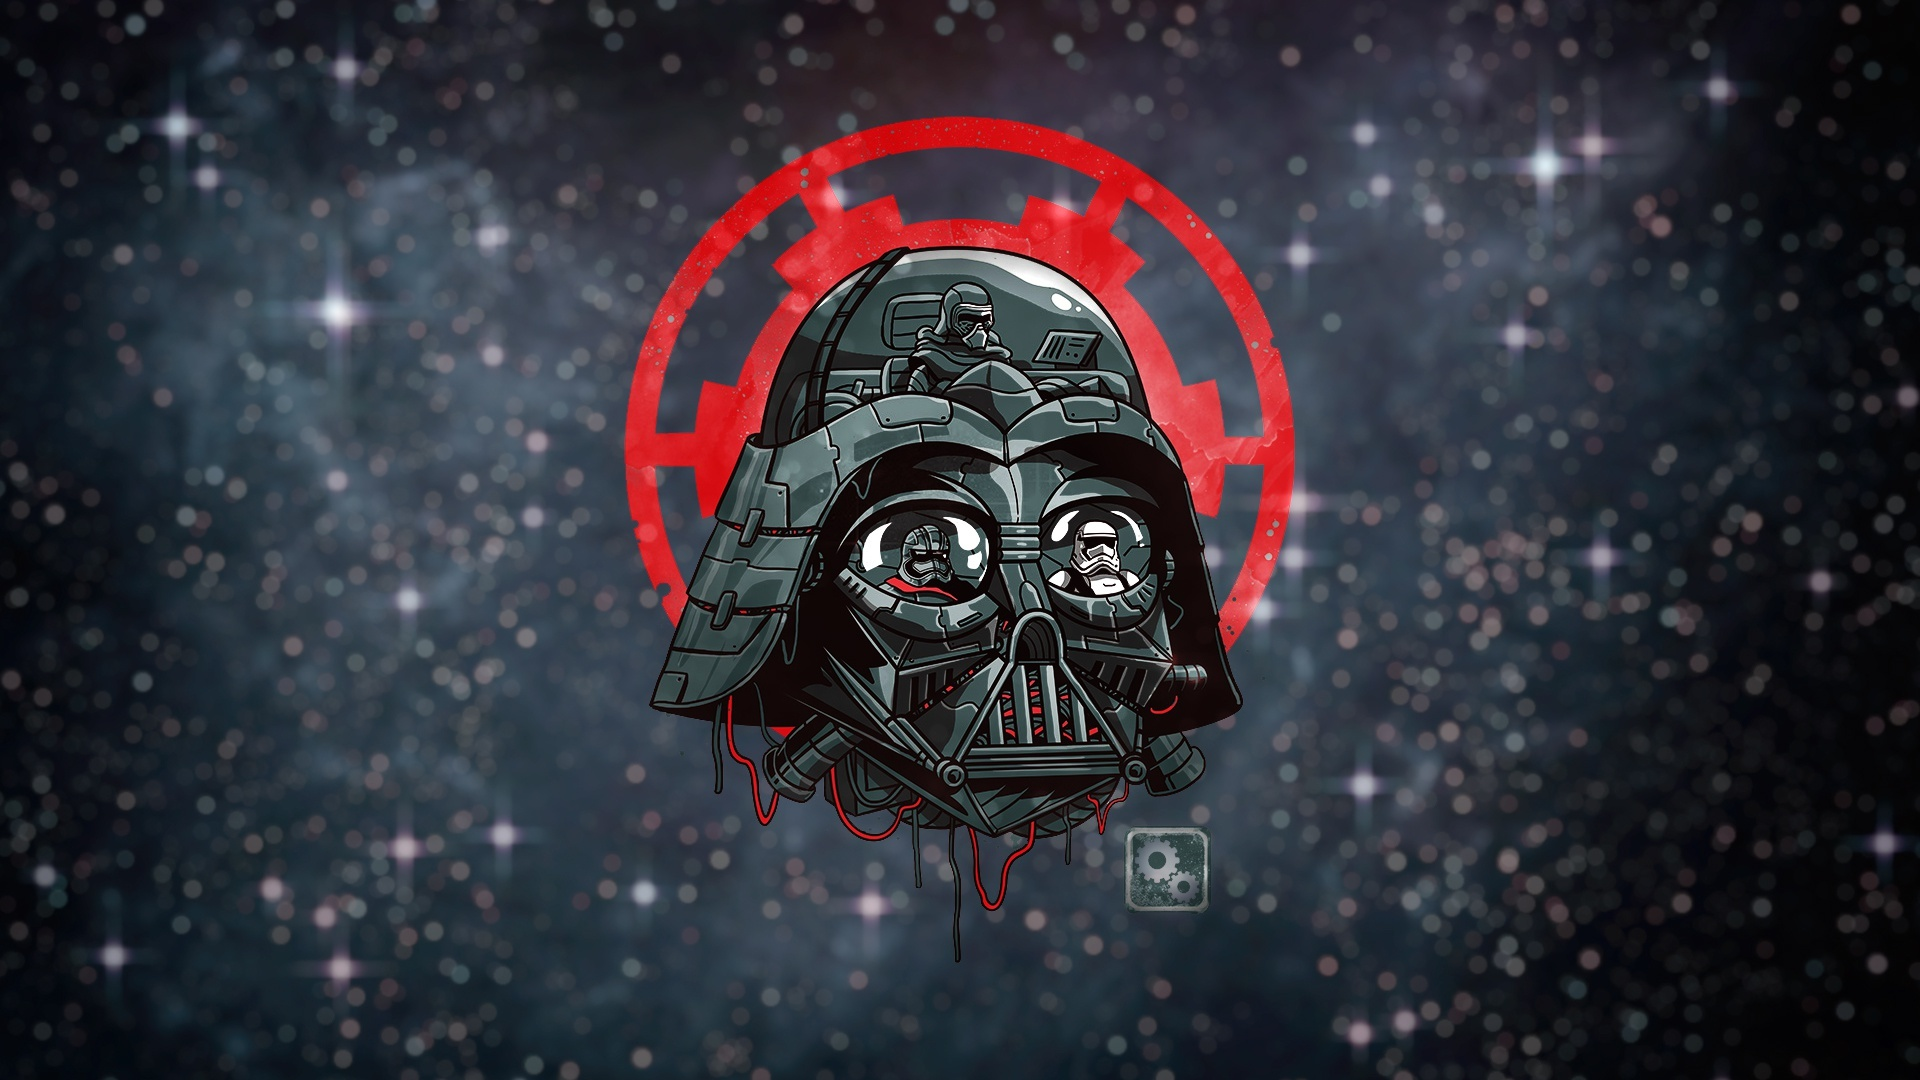 artwork darth vader from star wars a2hlaGiUmZqaraWkpJRmbmdlrWZlbWU